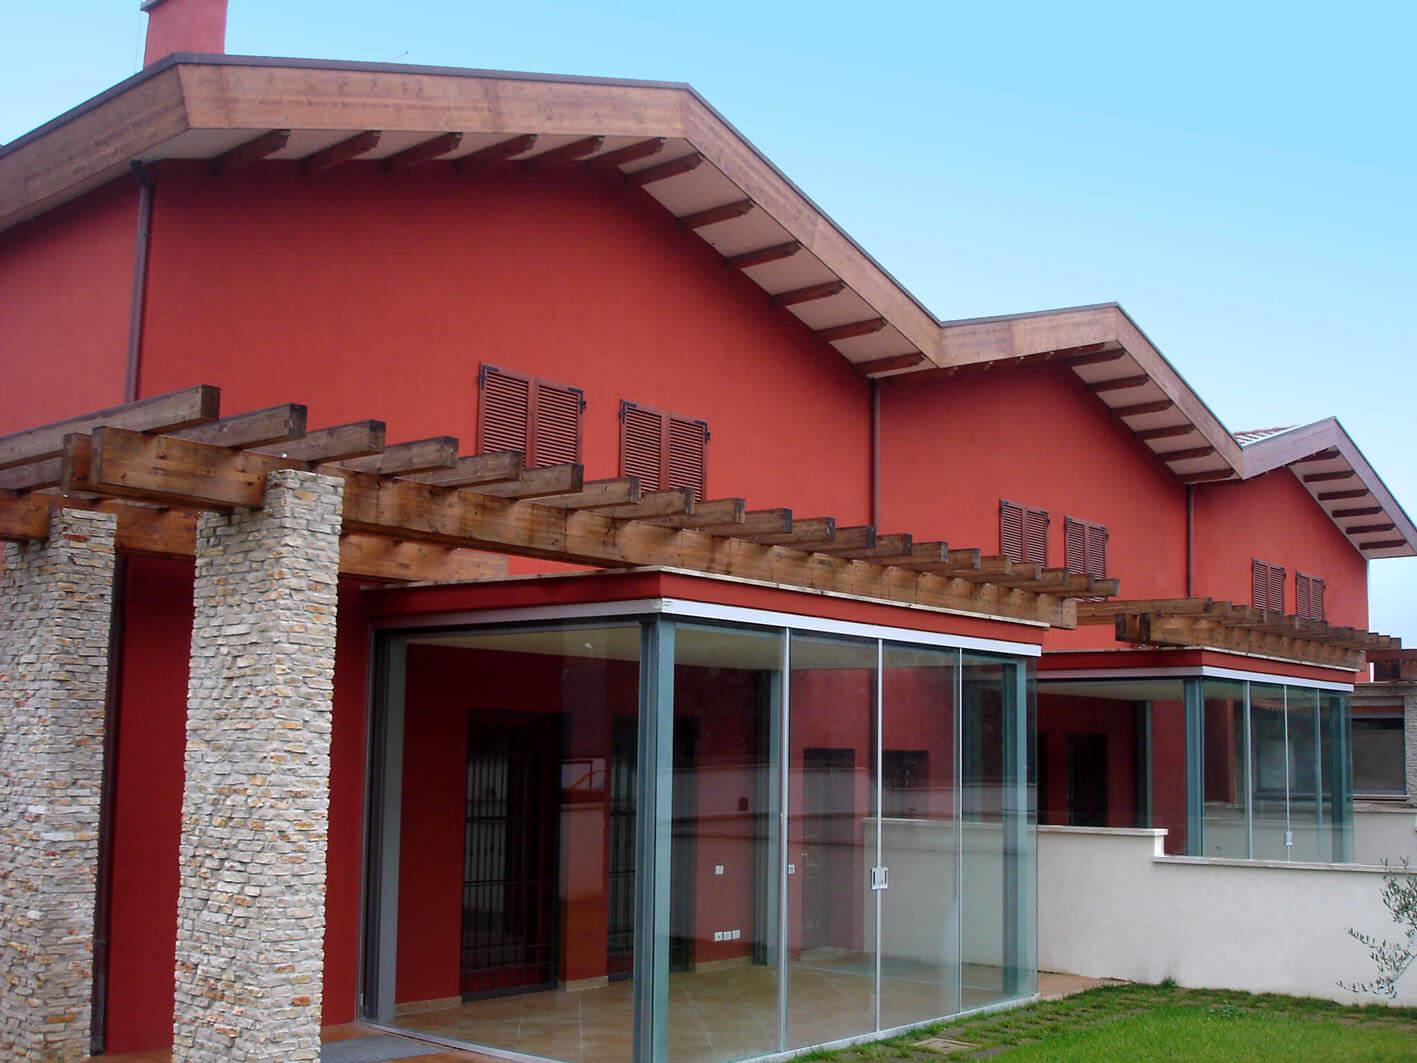 Aldobrandeschi - nuove costruzioni 4 (1)